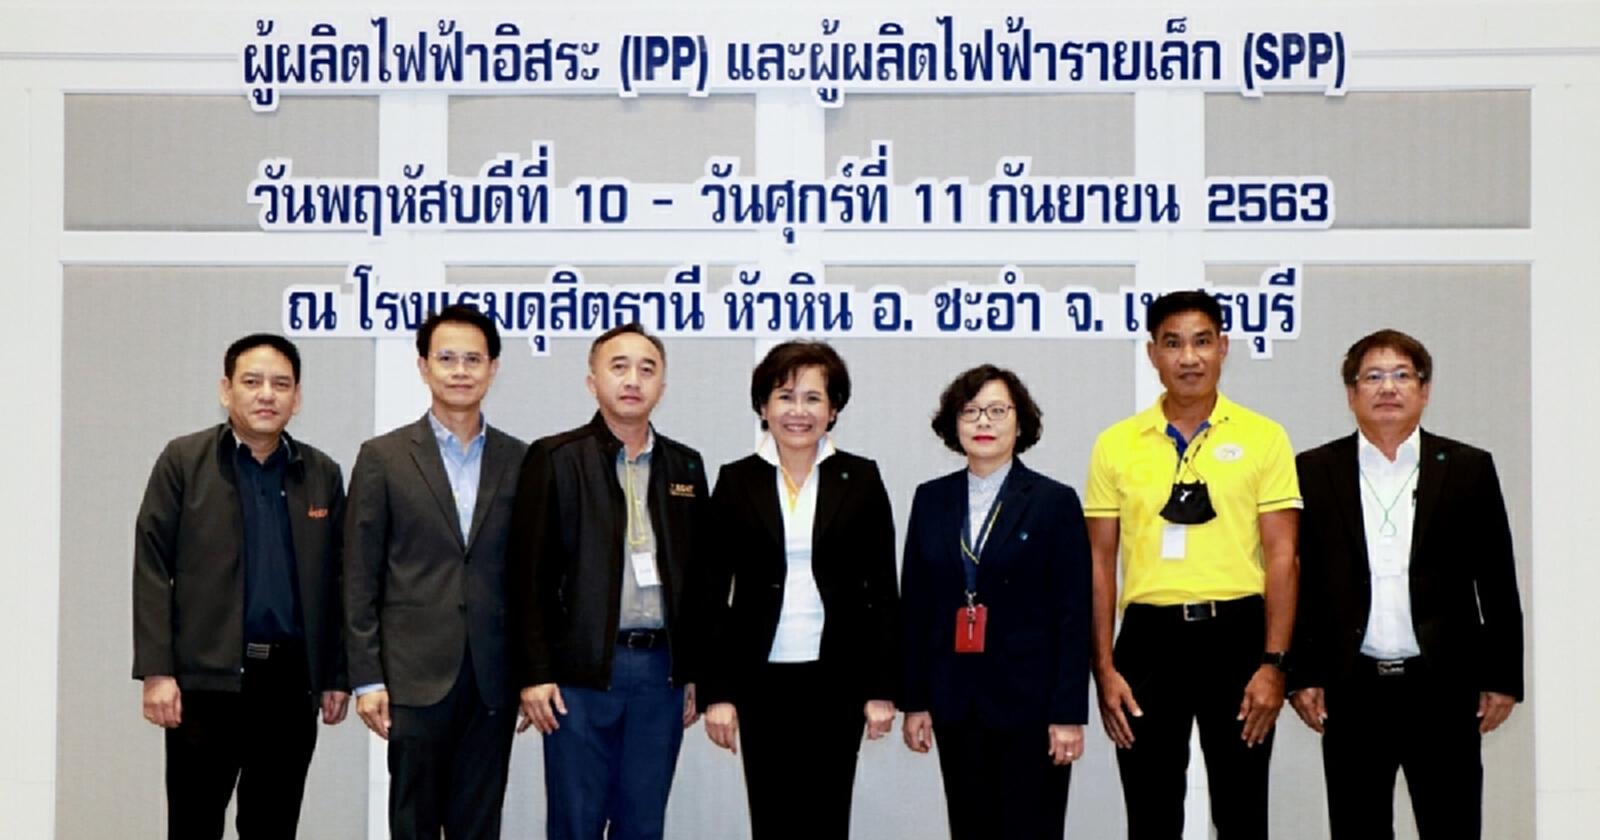 """สมาคมผู้ผลิตไฟฟ้าเอกชน (APPP)  ร่วมกับ กฟผ.จัดสัมมนา """"ร้อยใจผู้ผลิตไฟฟ้าไทยปี 2563"""" ปีที่ 8 เสริมสร้างสัมพันธภาพเครือข่ายด้านพลังงาน เพื่อความมั่นคงด้านไฟฟ้าของประเทศ"""